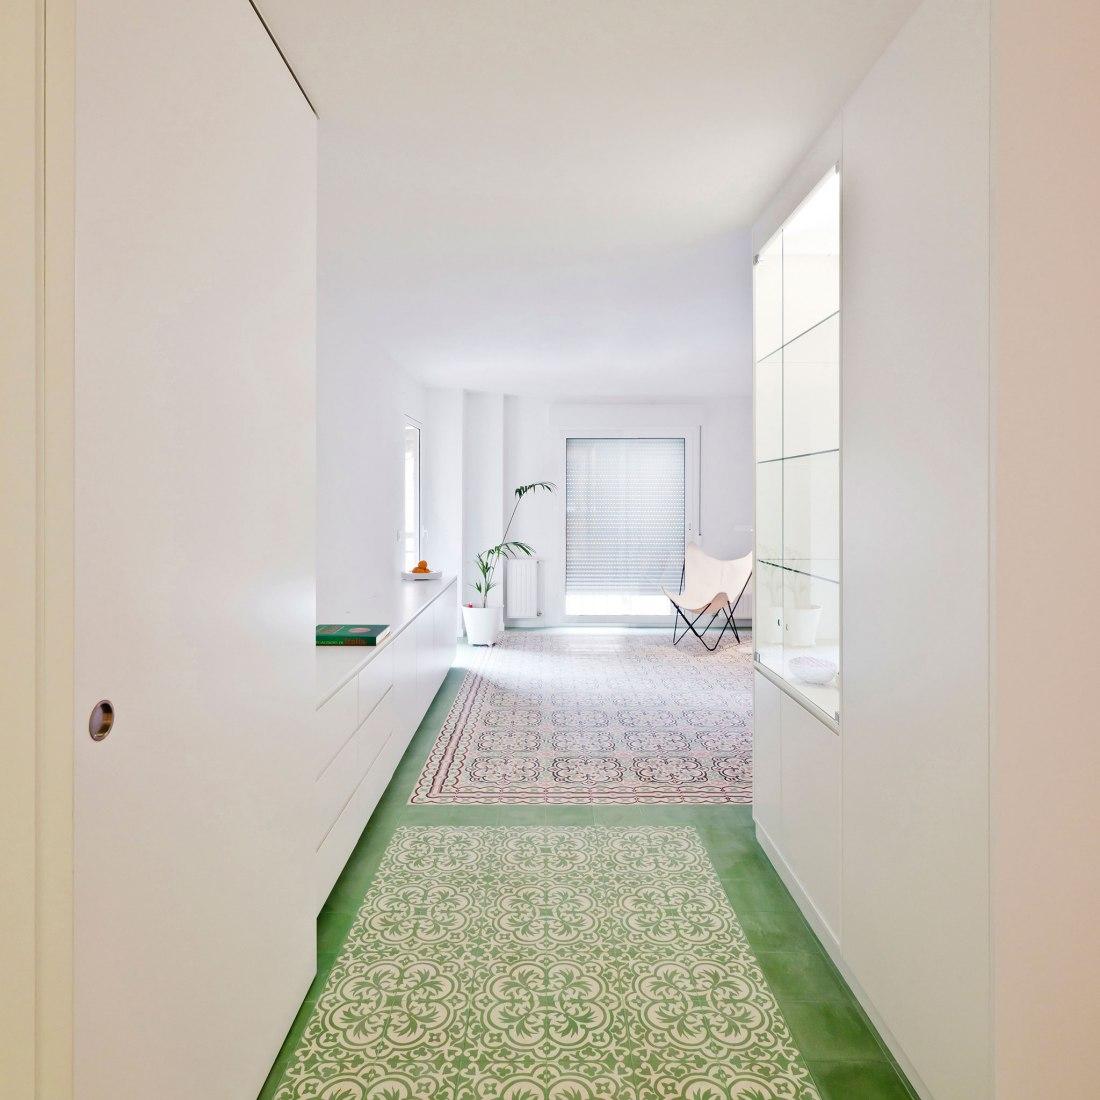 Reforma interior de vivienda en Toledo por el estudio Romero Vallejo . Fotografía © Juan Carlos Quindós.